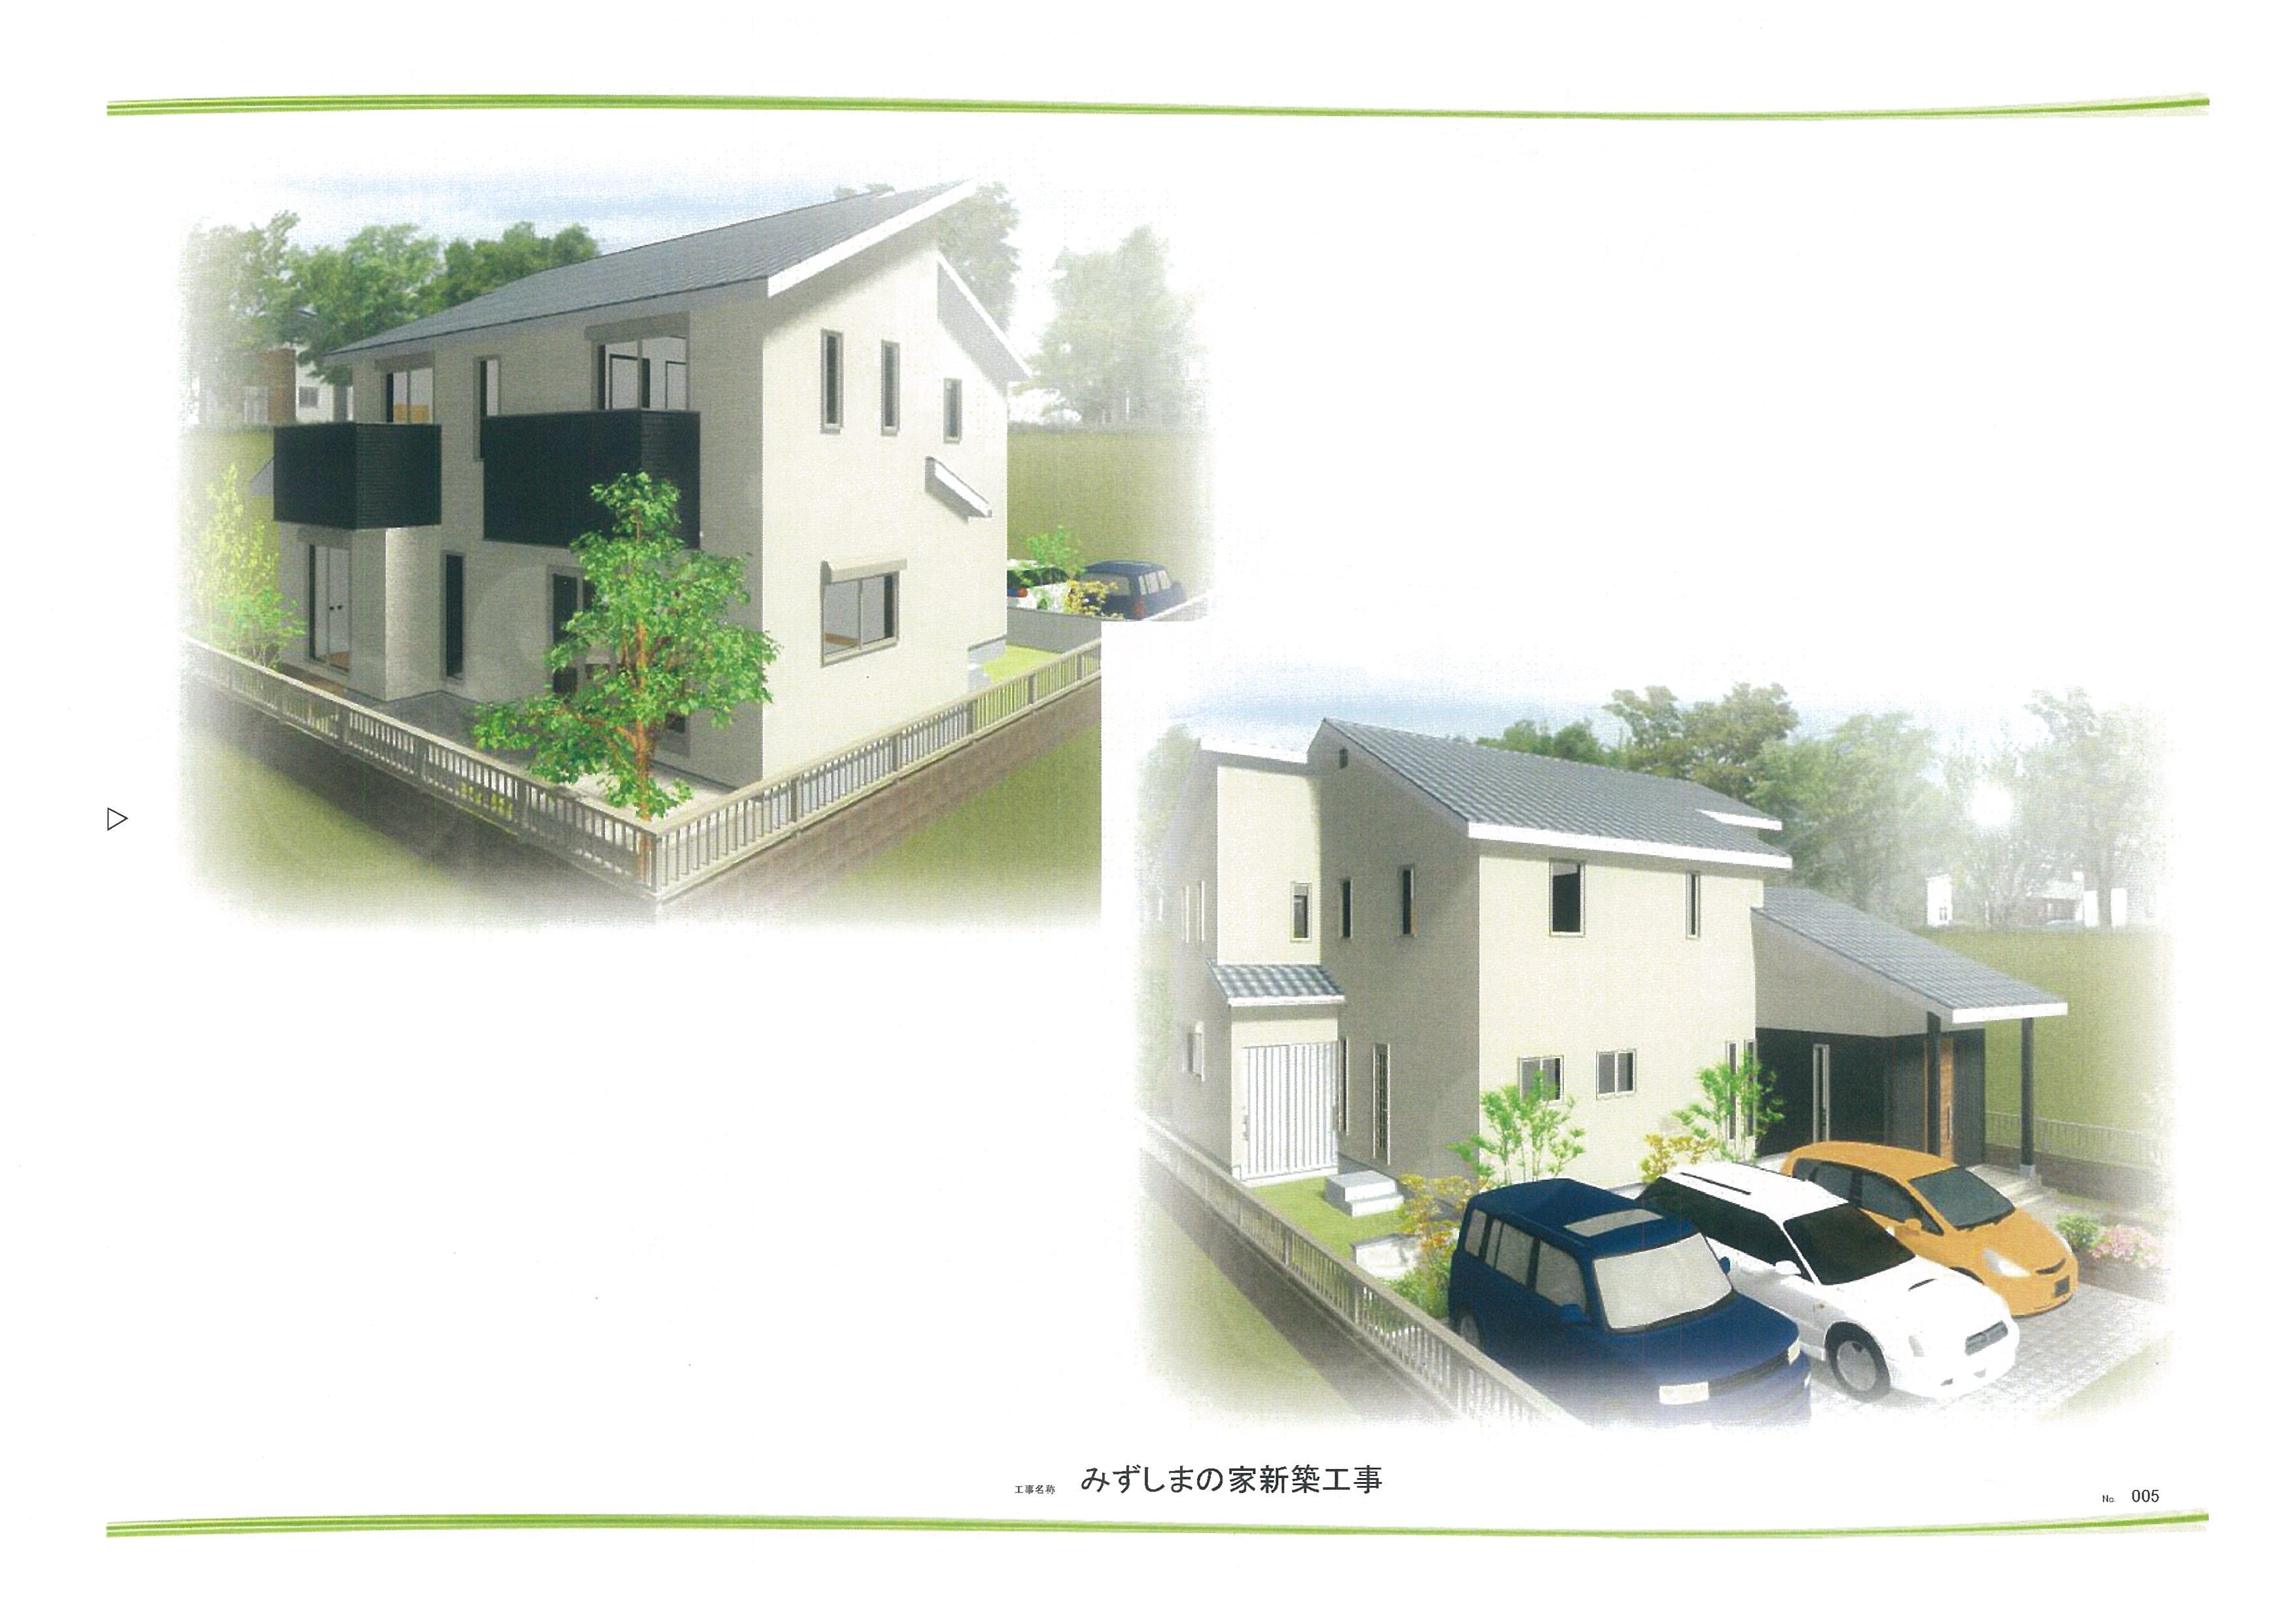 みずしまパース (2).jpg